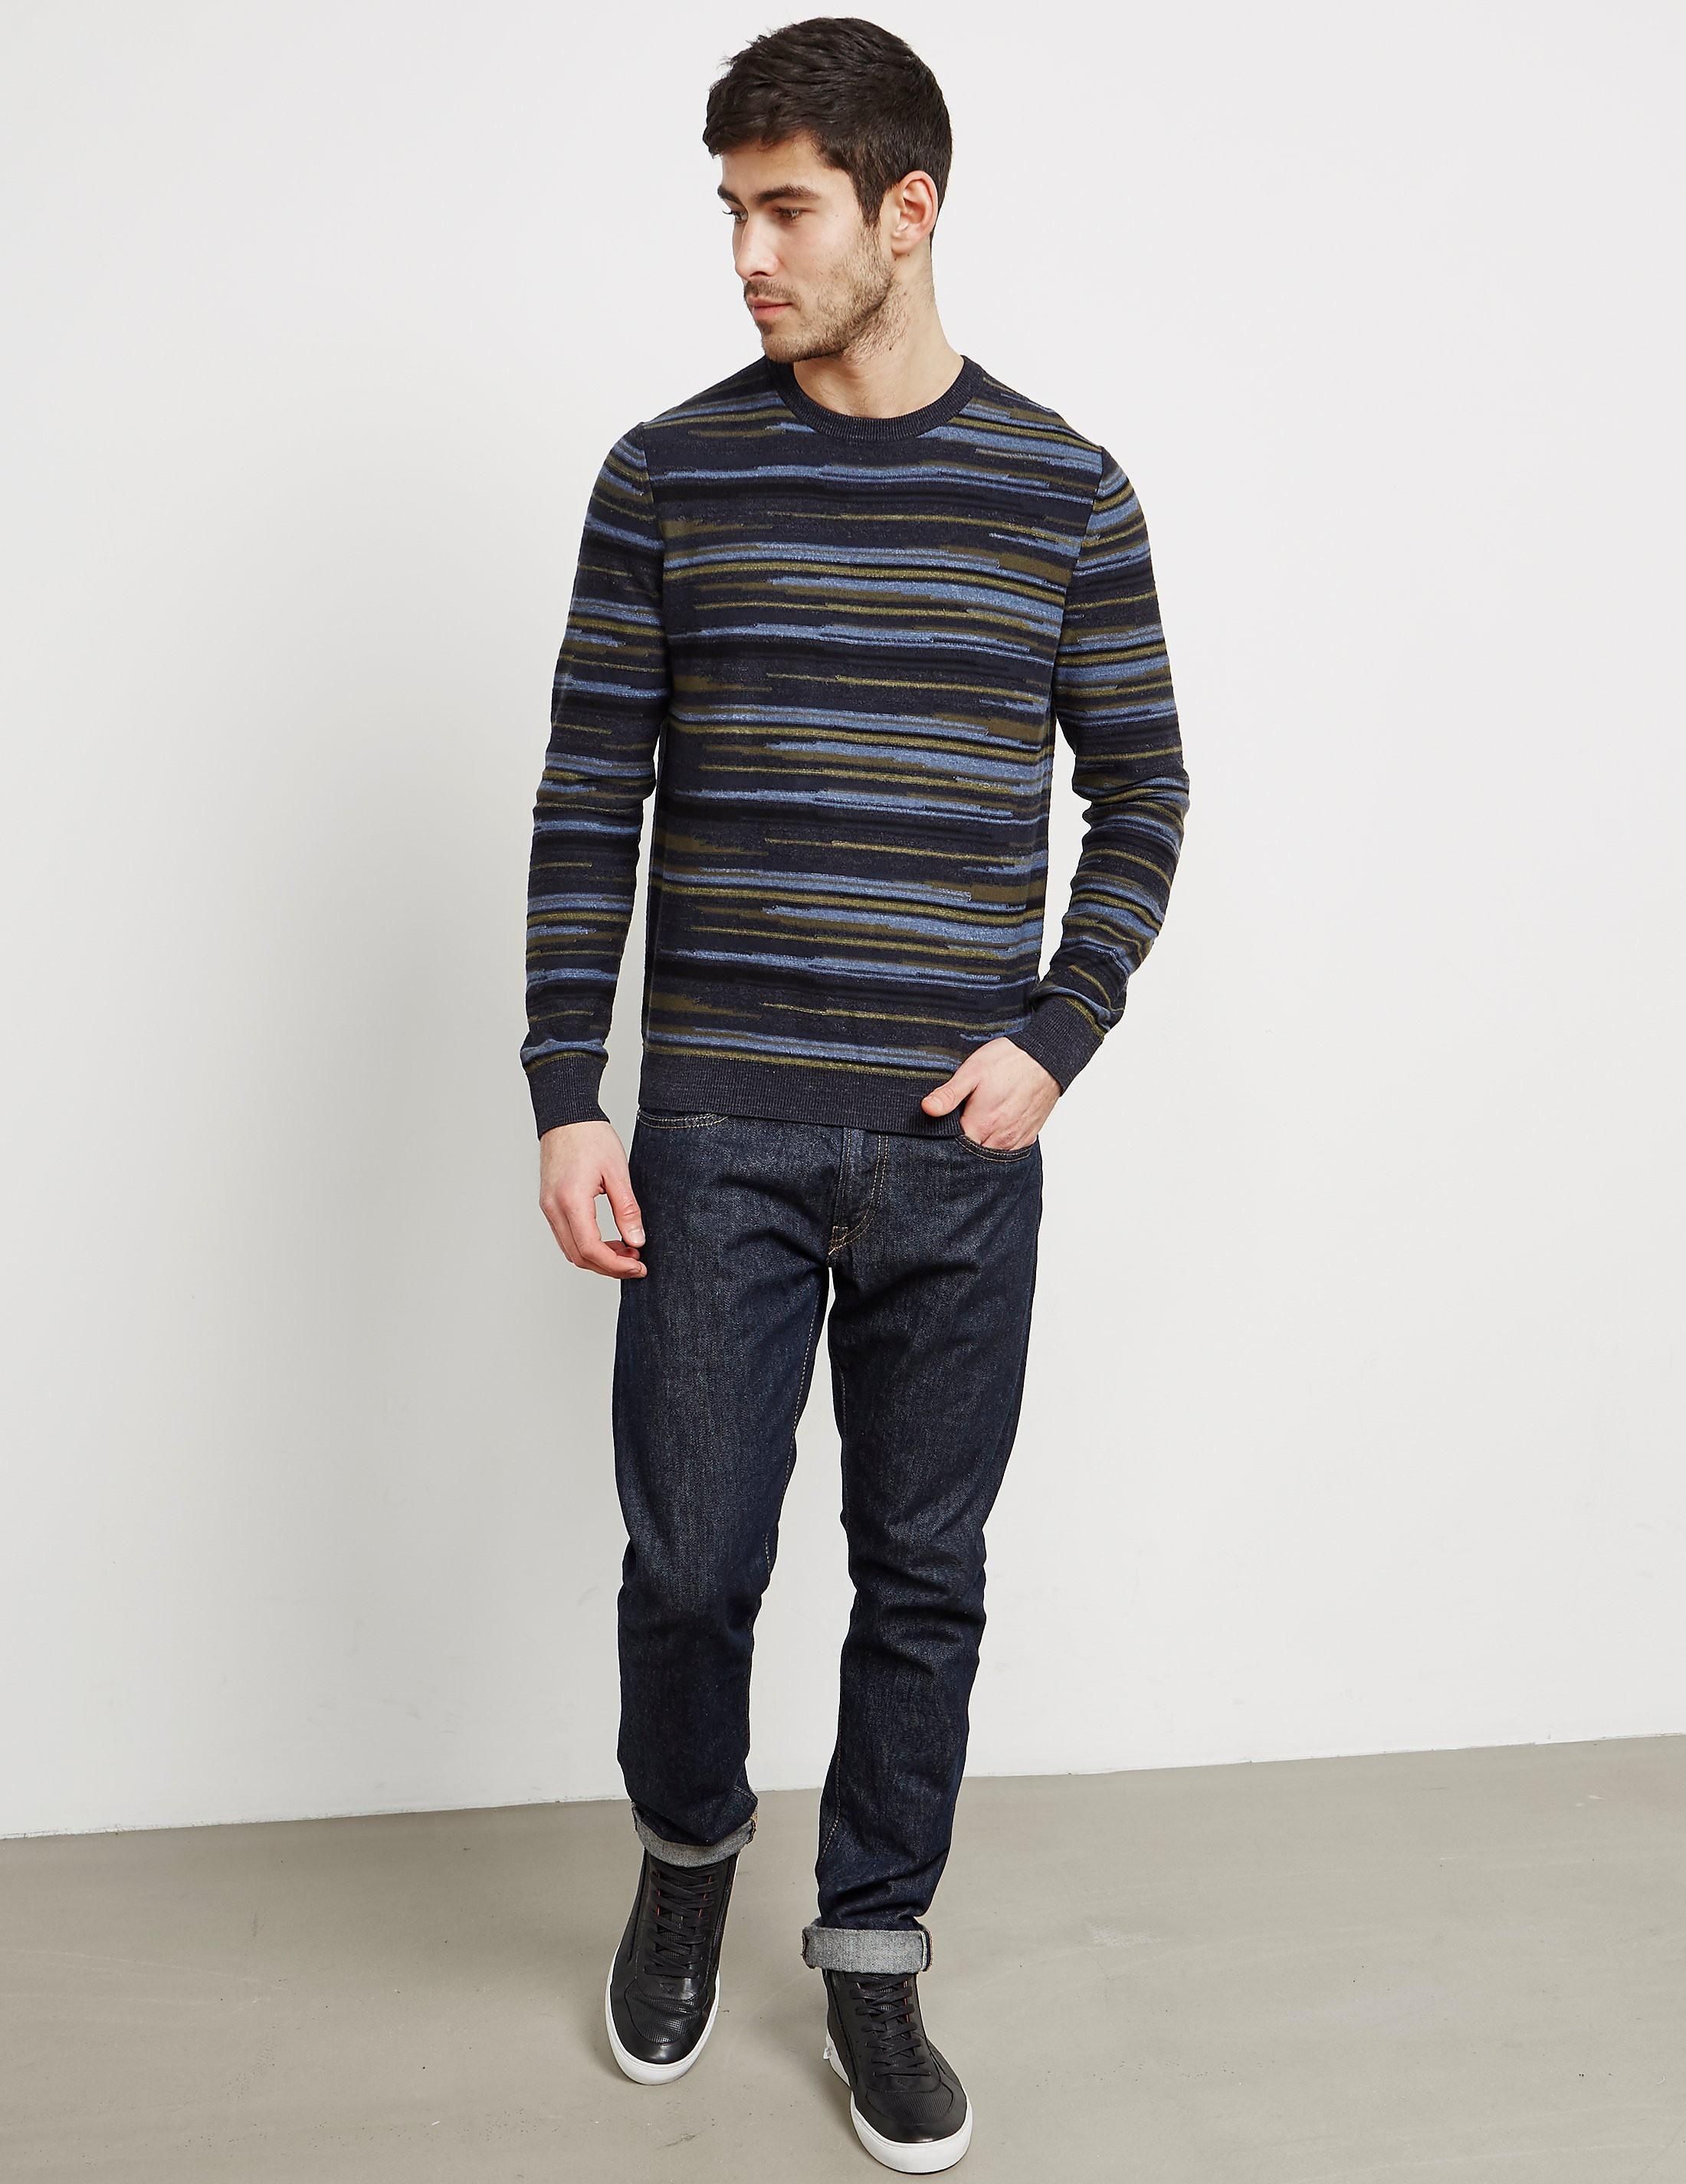 BOSS Krallgo Stripe Knitted Jumper